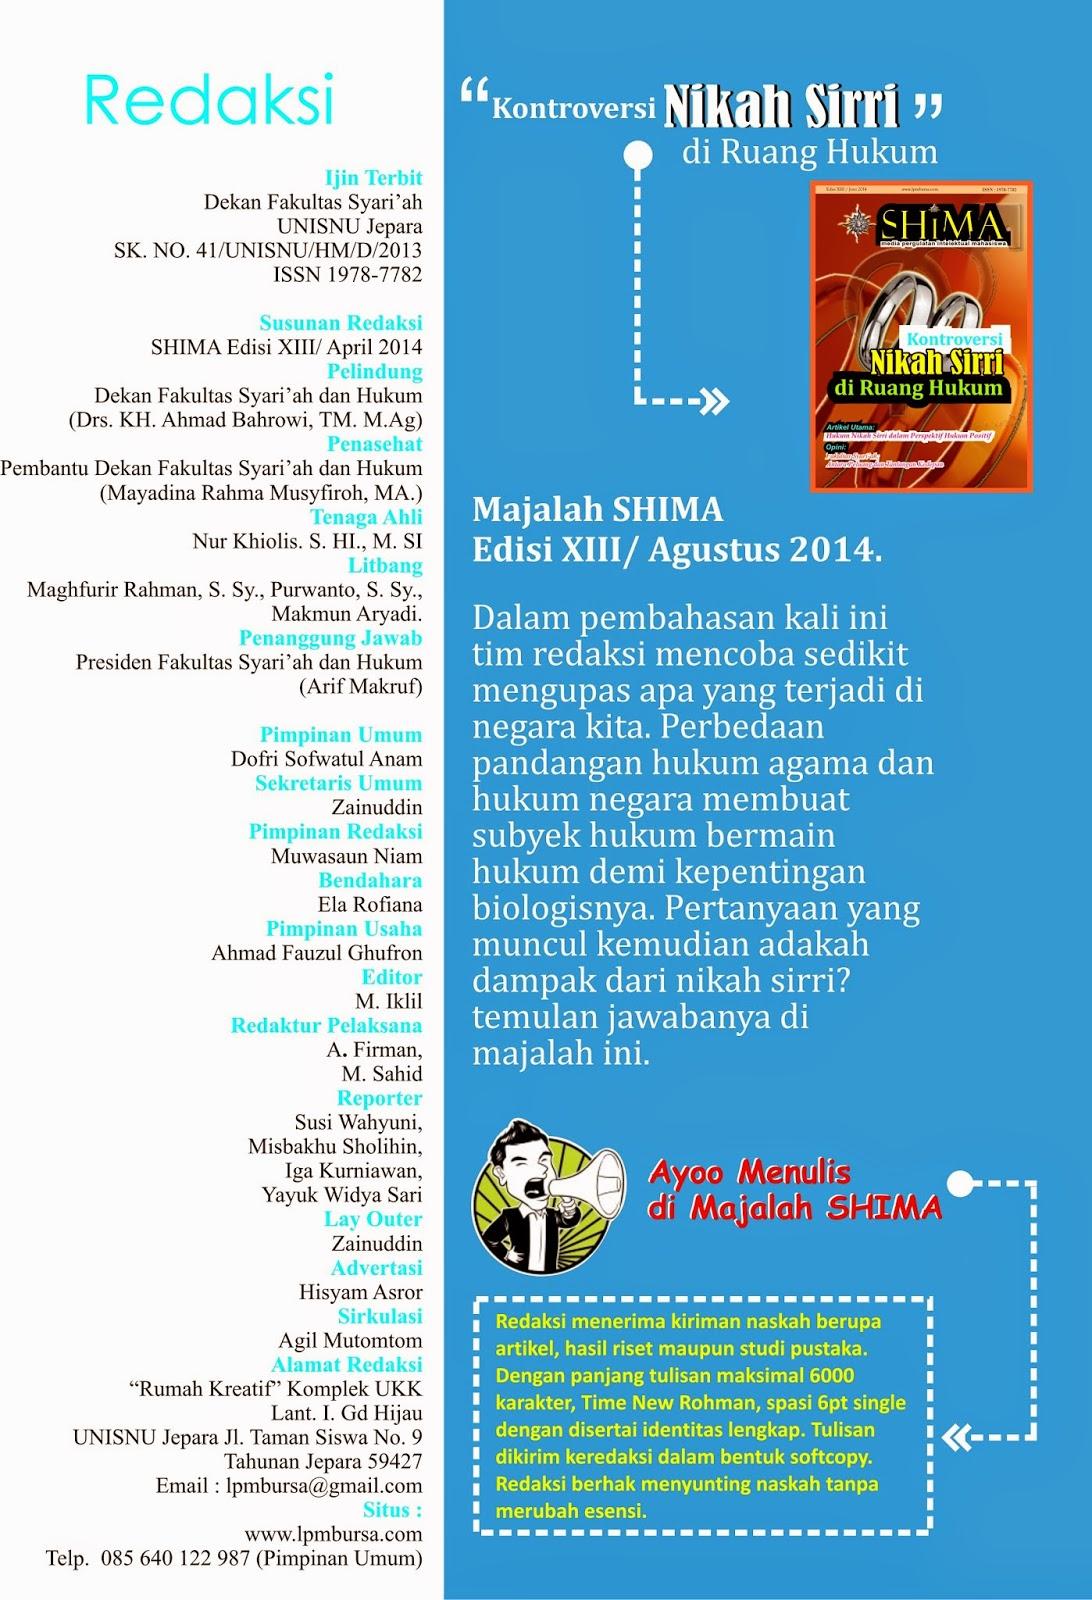 keredaksian, majalah SHIMA, Kumpulan Majalah SHIMA, UNISNU